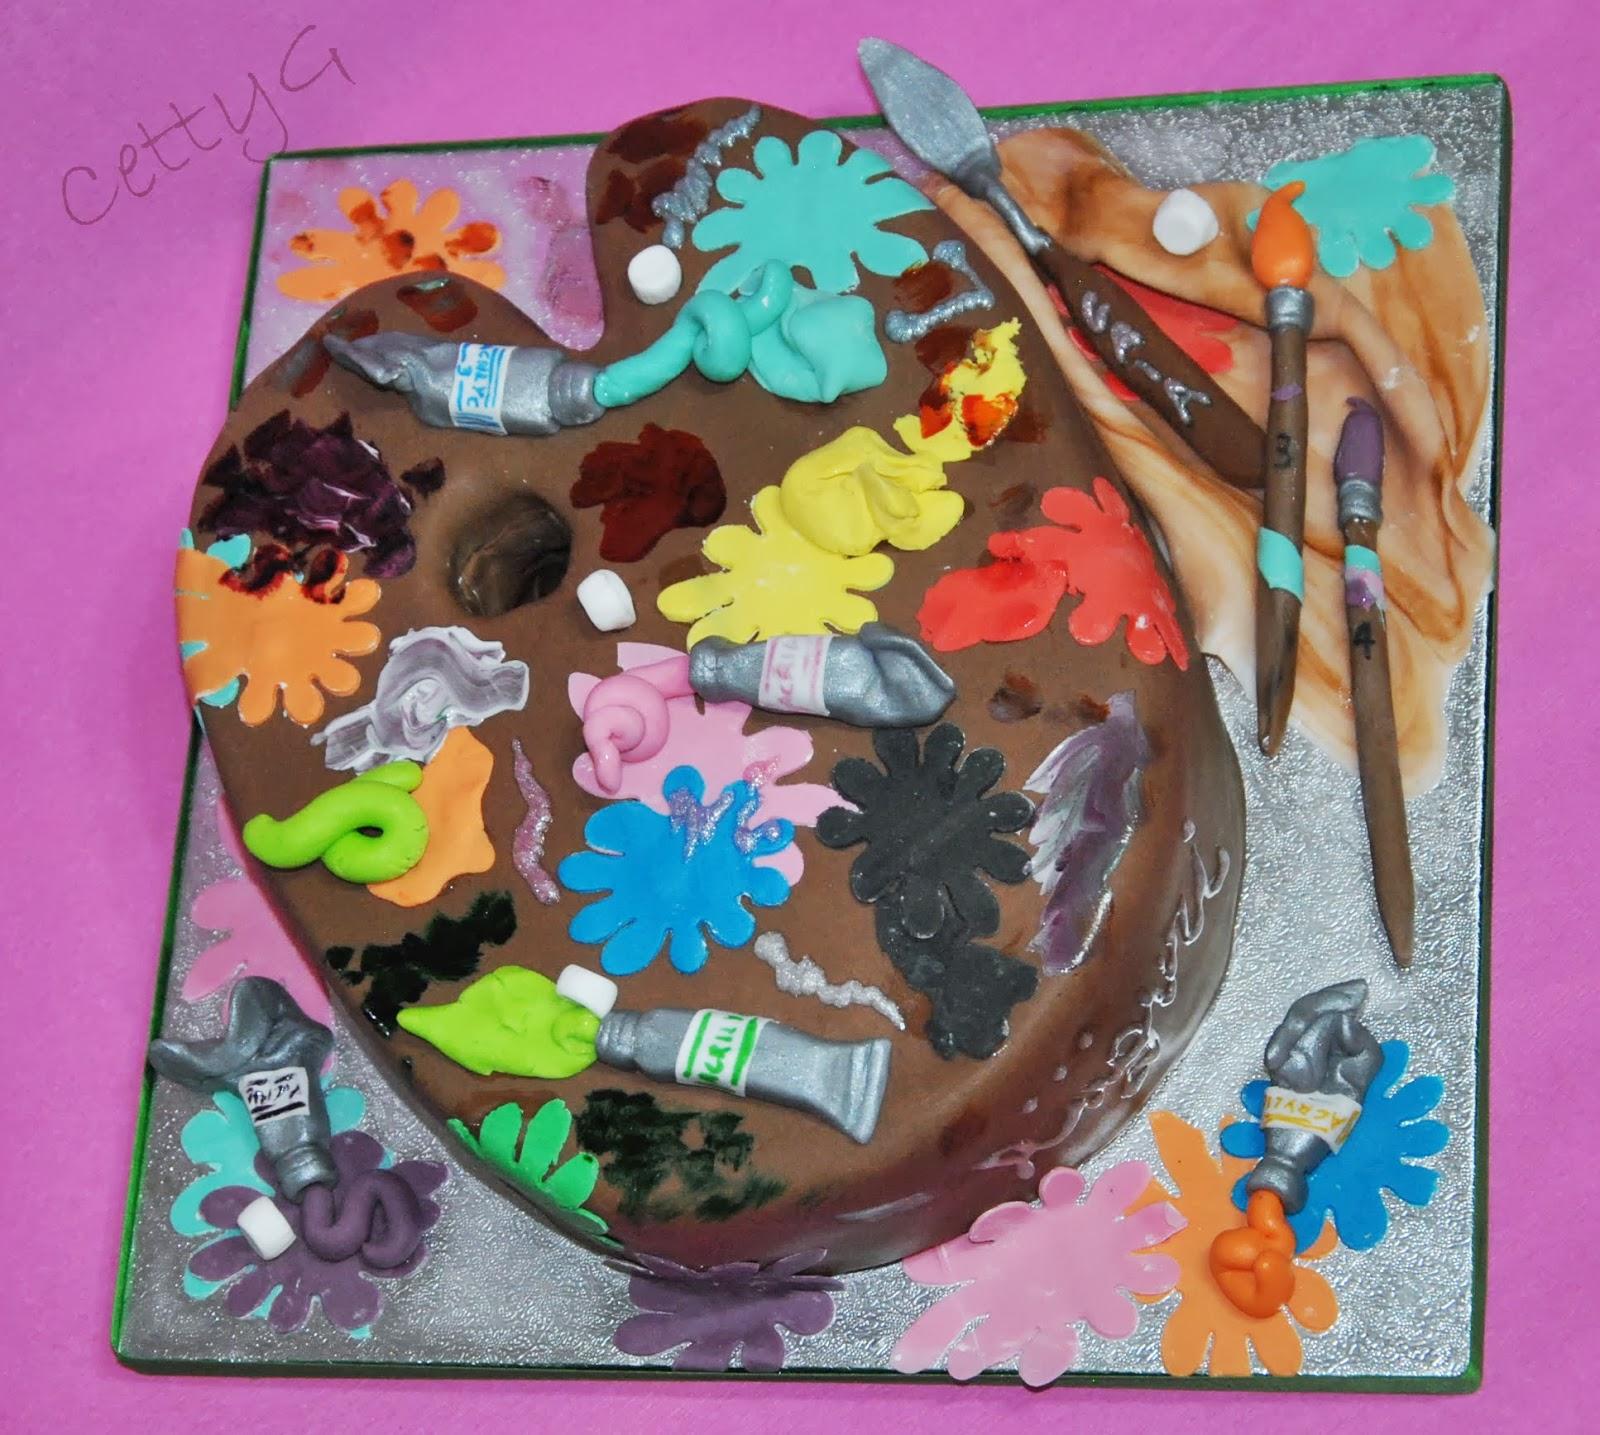 Le torte decorate di cetty g tavolozza del pittore cake for Arte delle torte clementoni